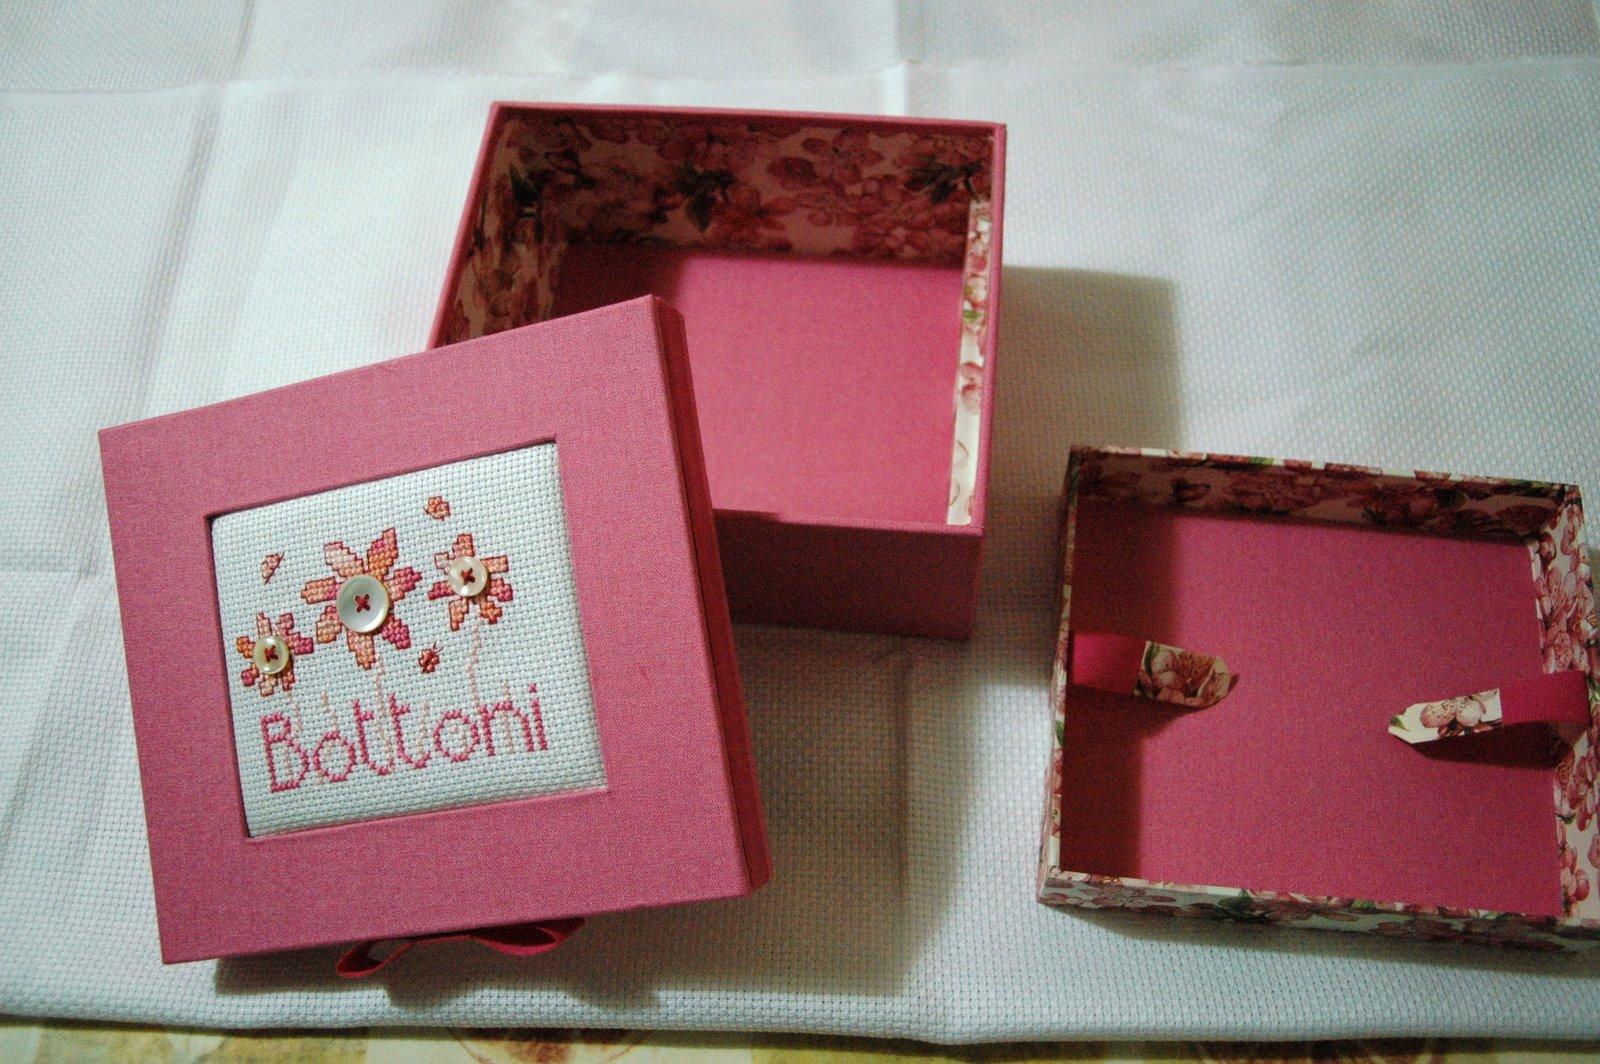 [scatola+rosa+3.JPG]